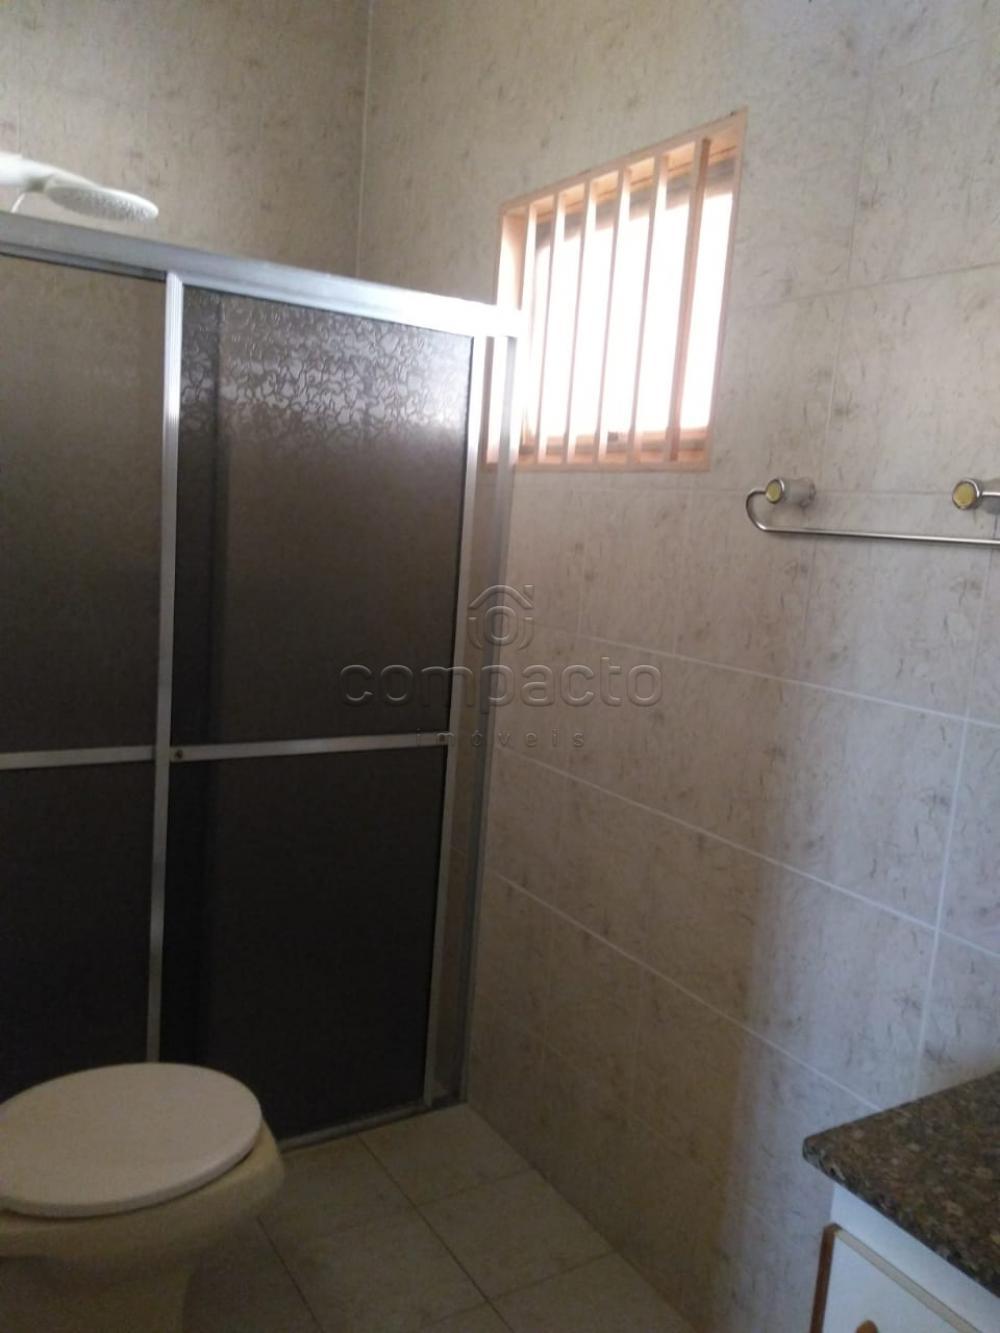 Alugar Casa / Padrão em São José do Rio Preto apenas R$ 1.850,00 - Foto 10